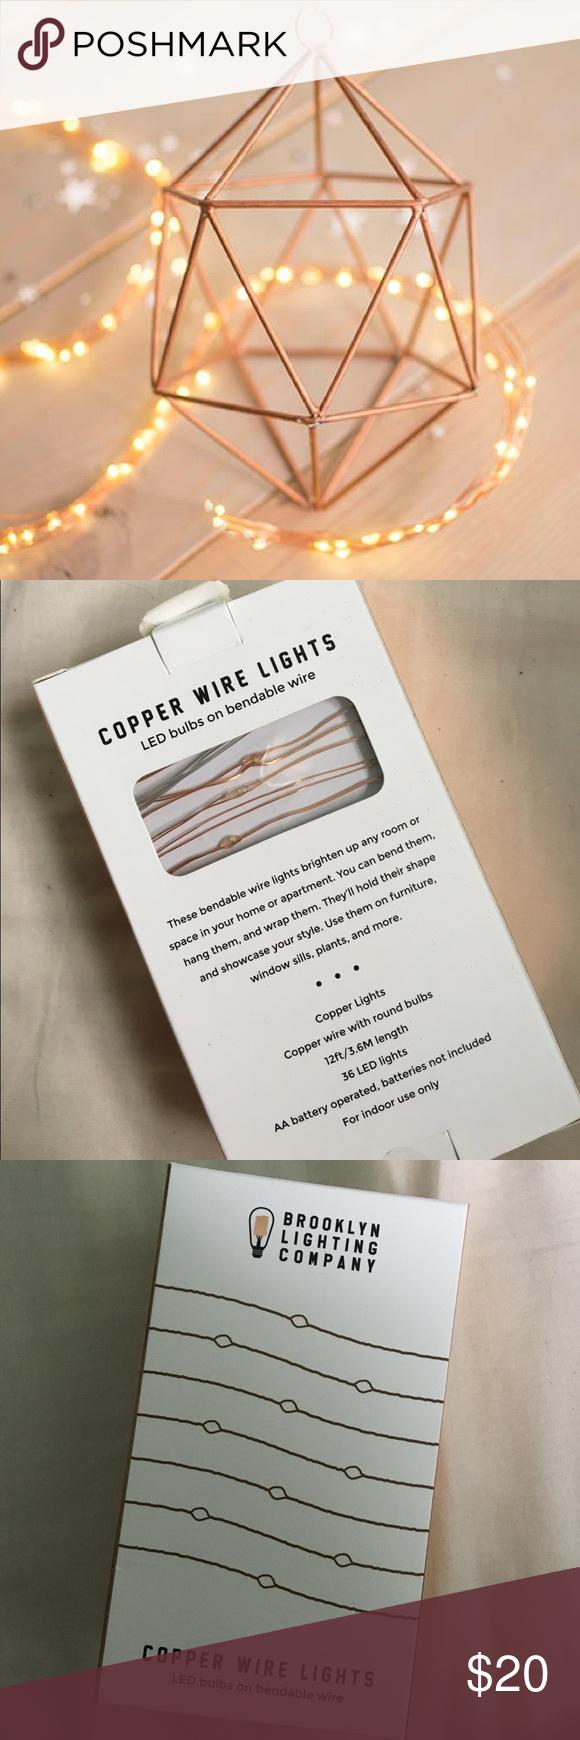 Copper wire \